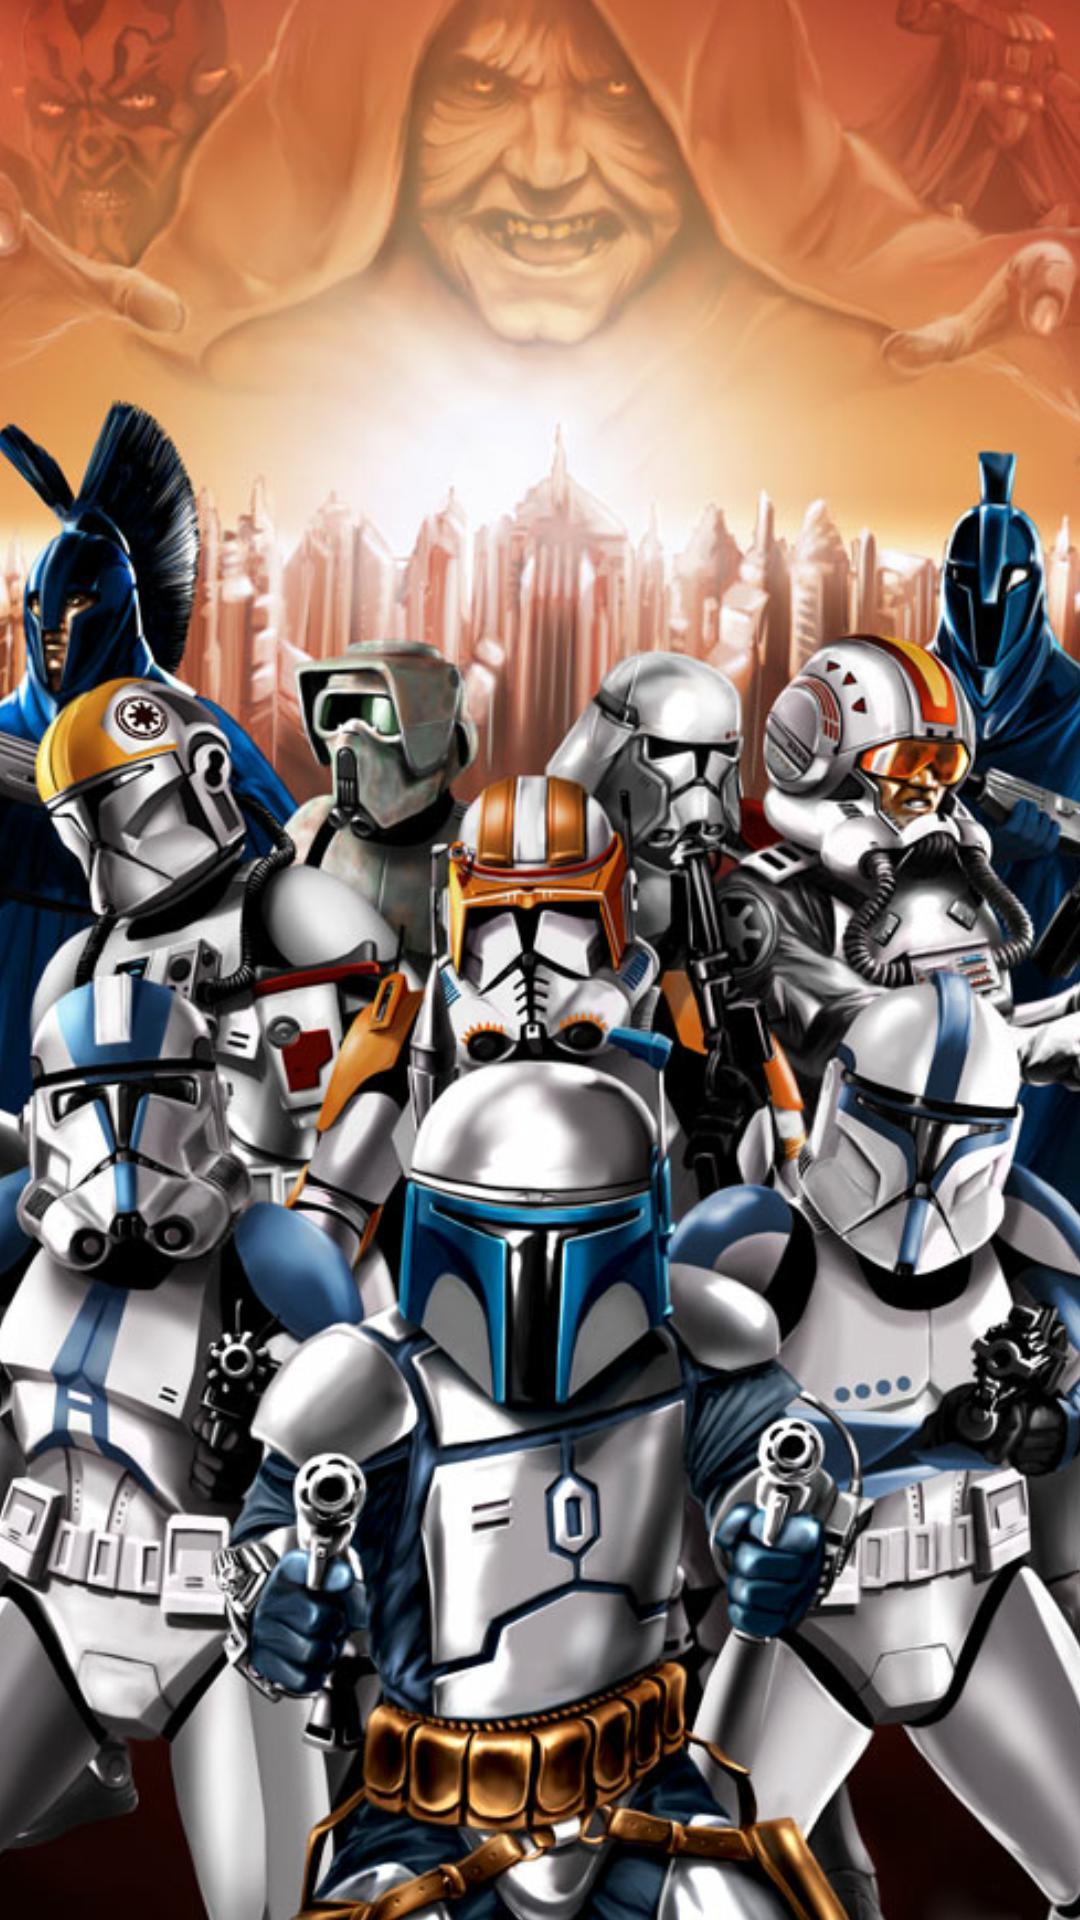 Clone Trooper Wallpaper Star Wars Clone Wars Wallpaper Phone 1080x1920 Wallpaper Teahub Io